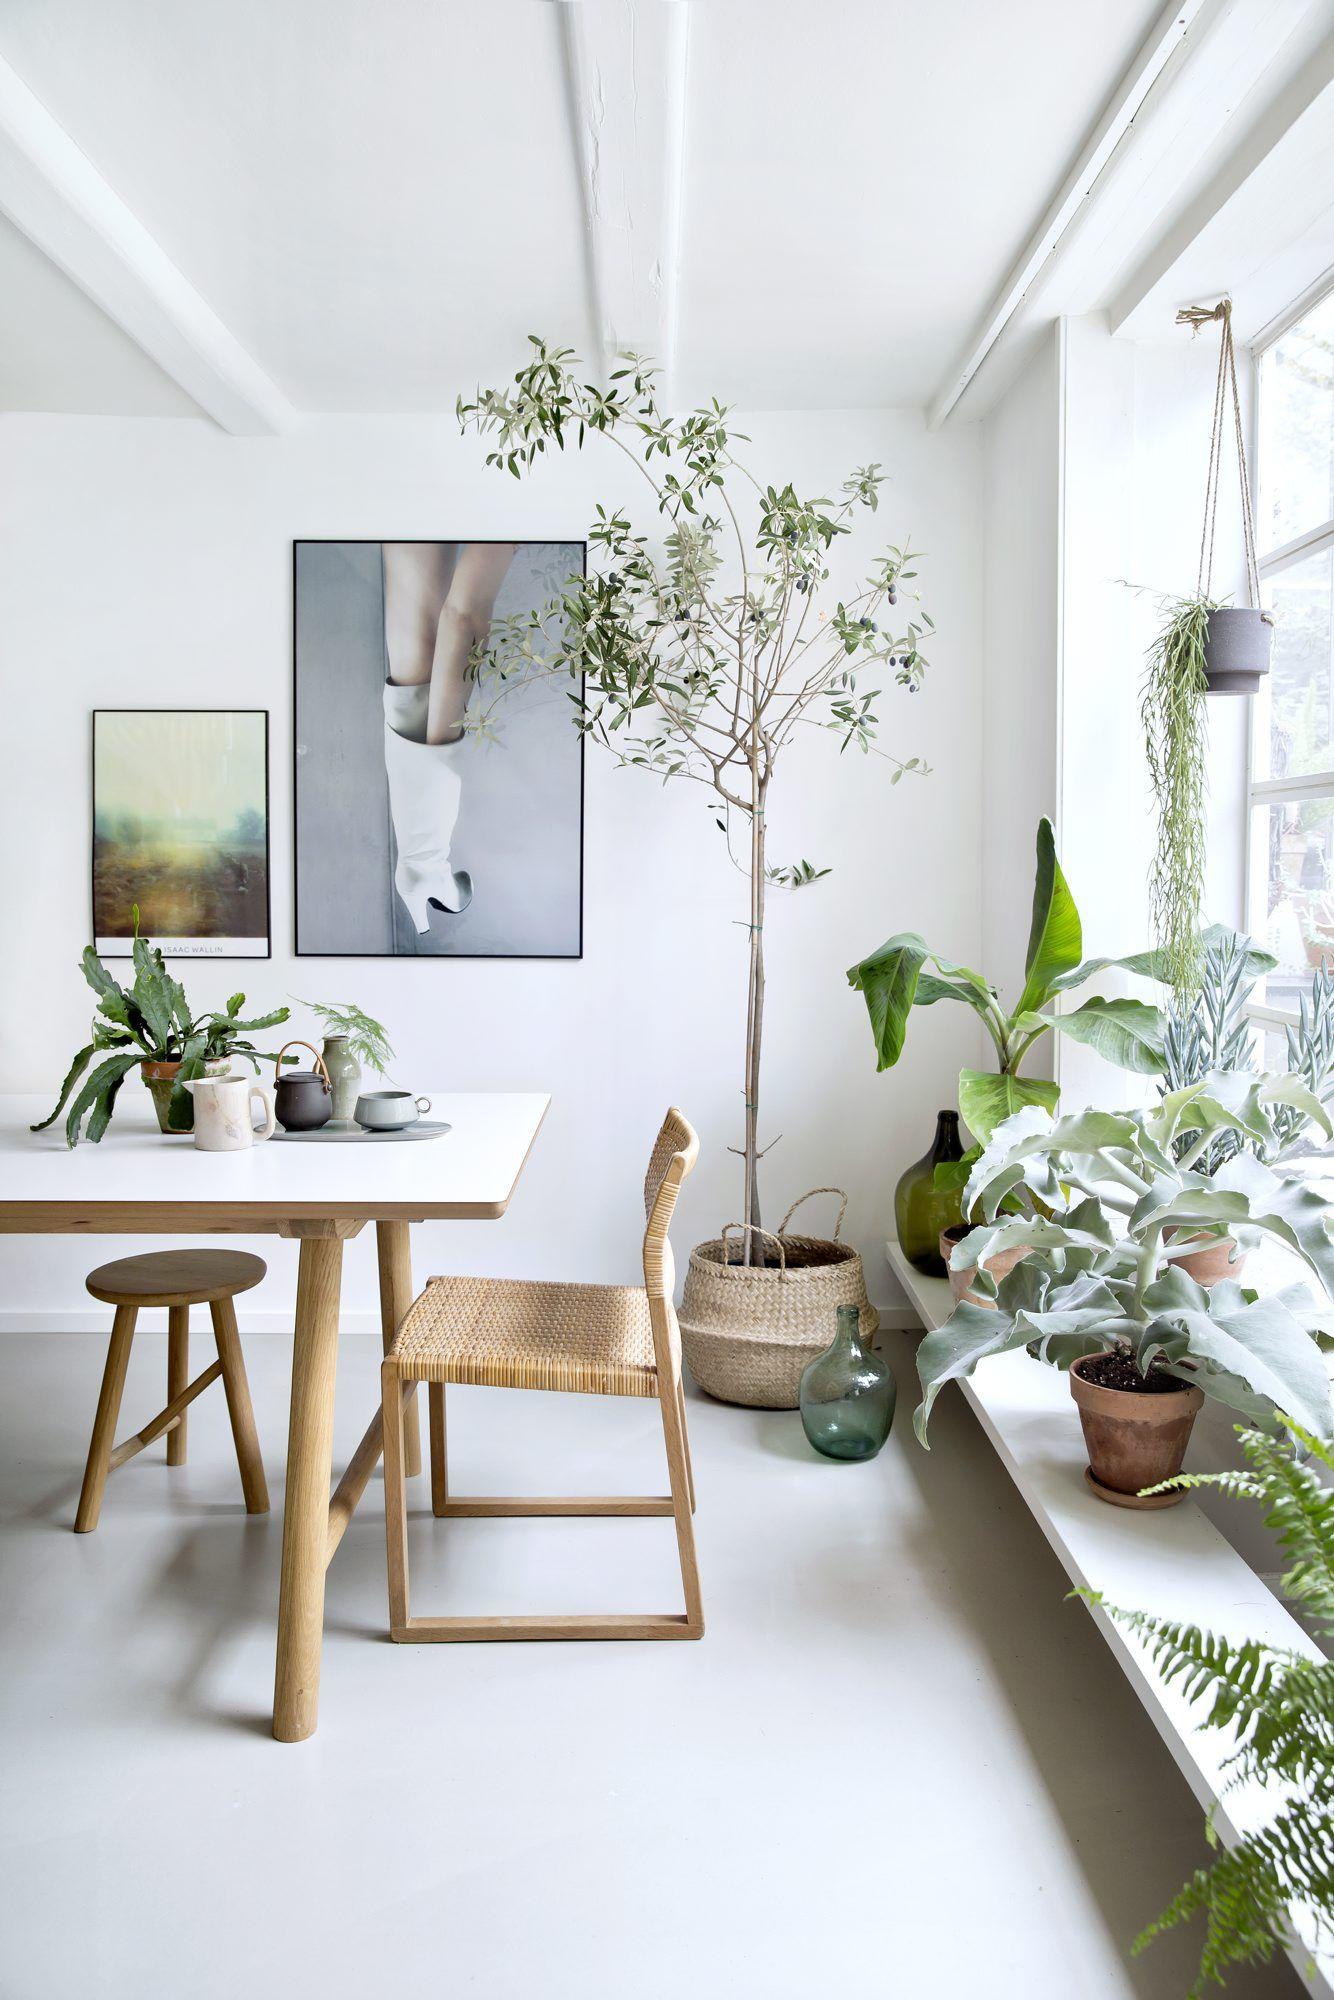 Veel ramen in huis? Dan heb je geluk, maar het kan wel lastig zijn om je interieur goed te stylen. Gelukkig gaat het met onze tips helemaal goed komen!